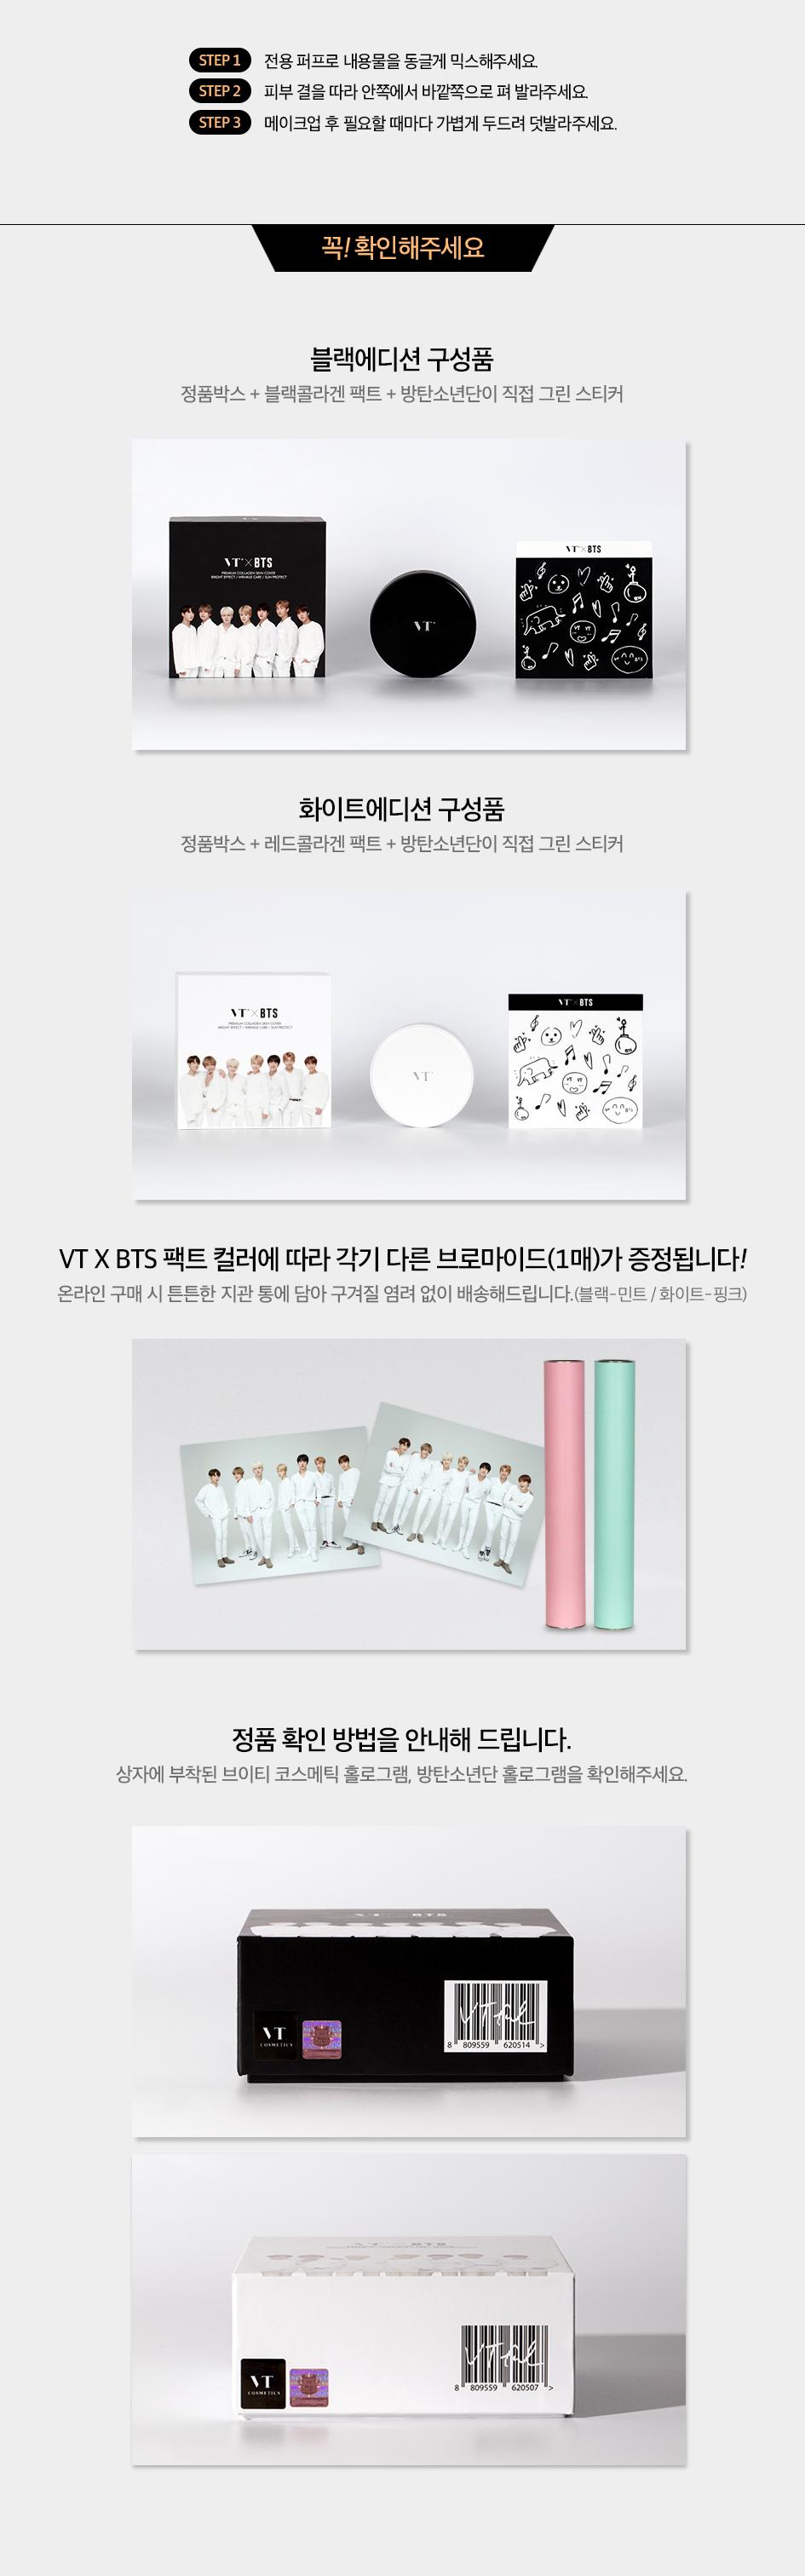 VT x BTS Collagen Pact White